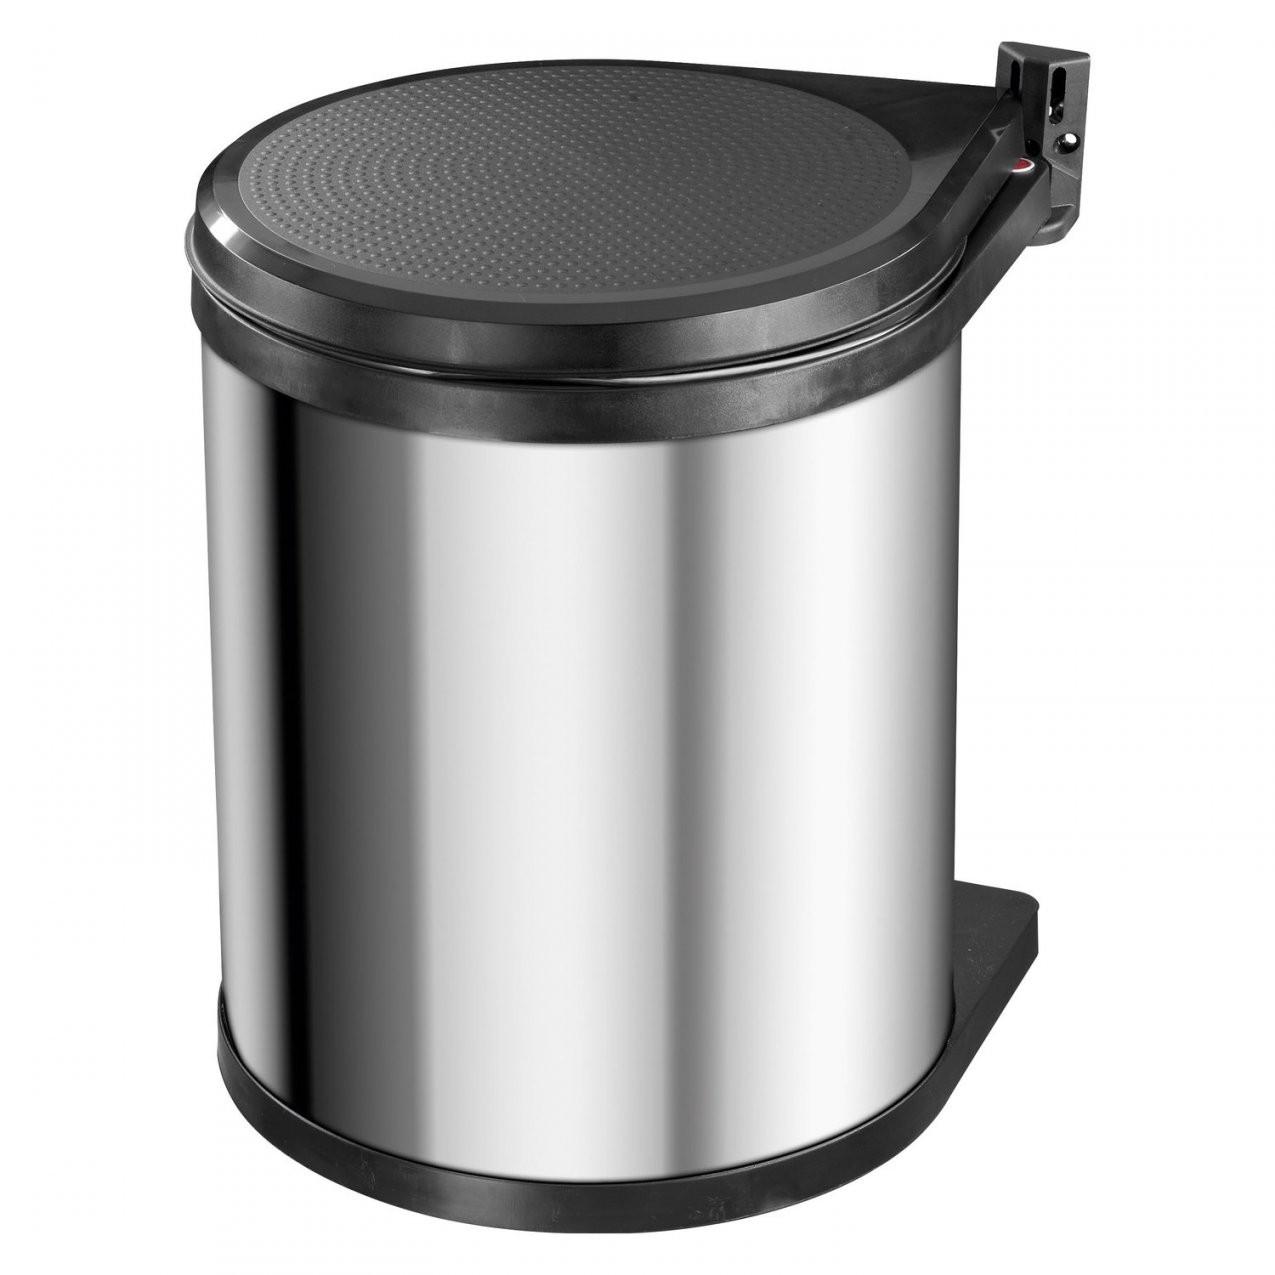 Hailo Mülleimer Compact Box 15 L Edelstahl Kaufen Bei Obi von Mülleimer Küche Hailo Bild